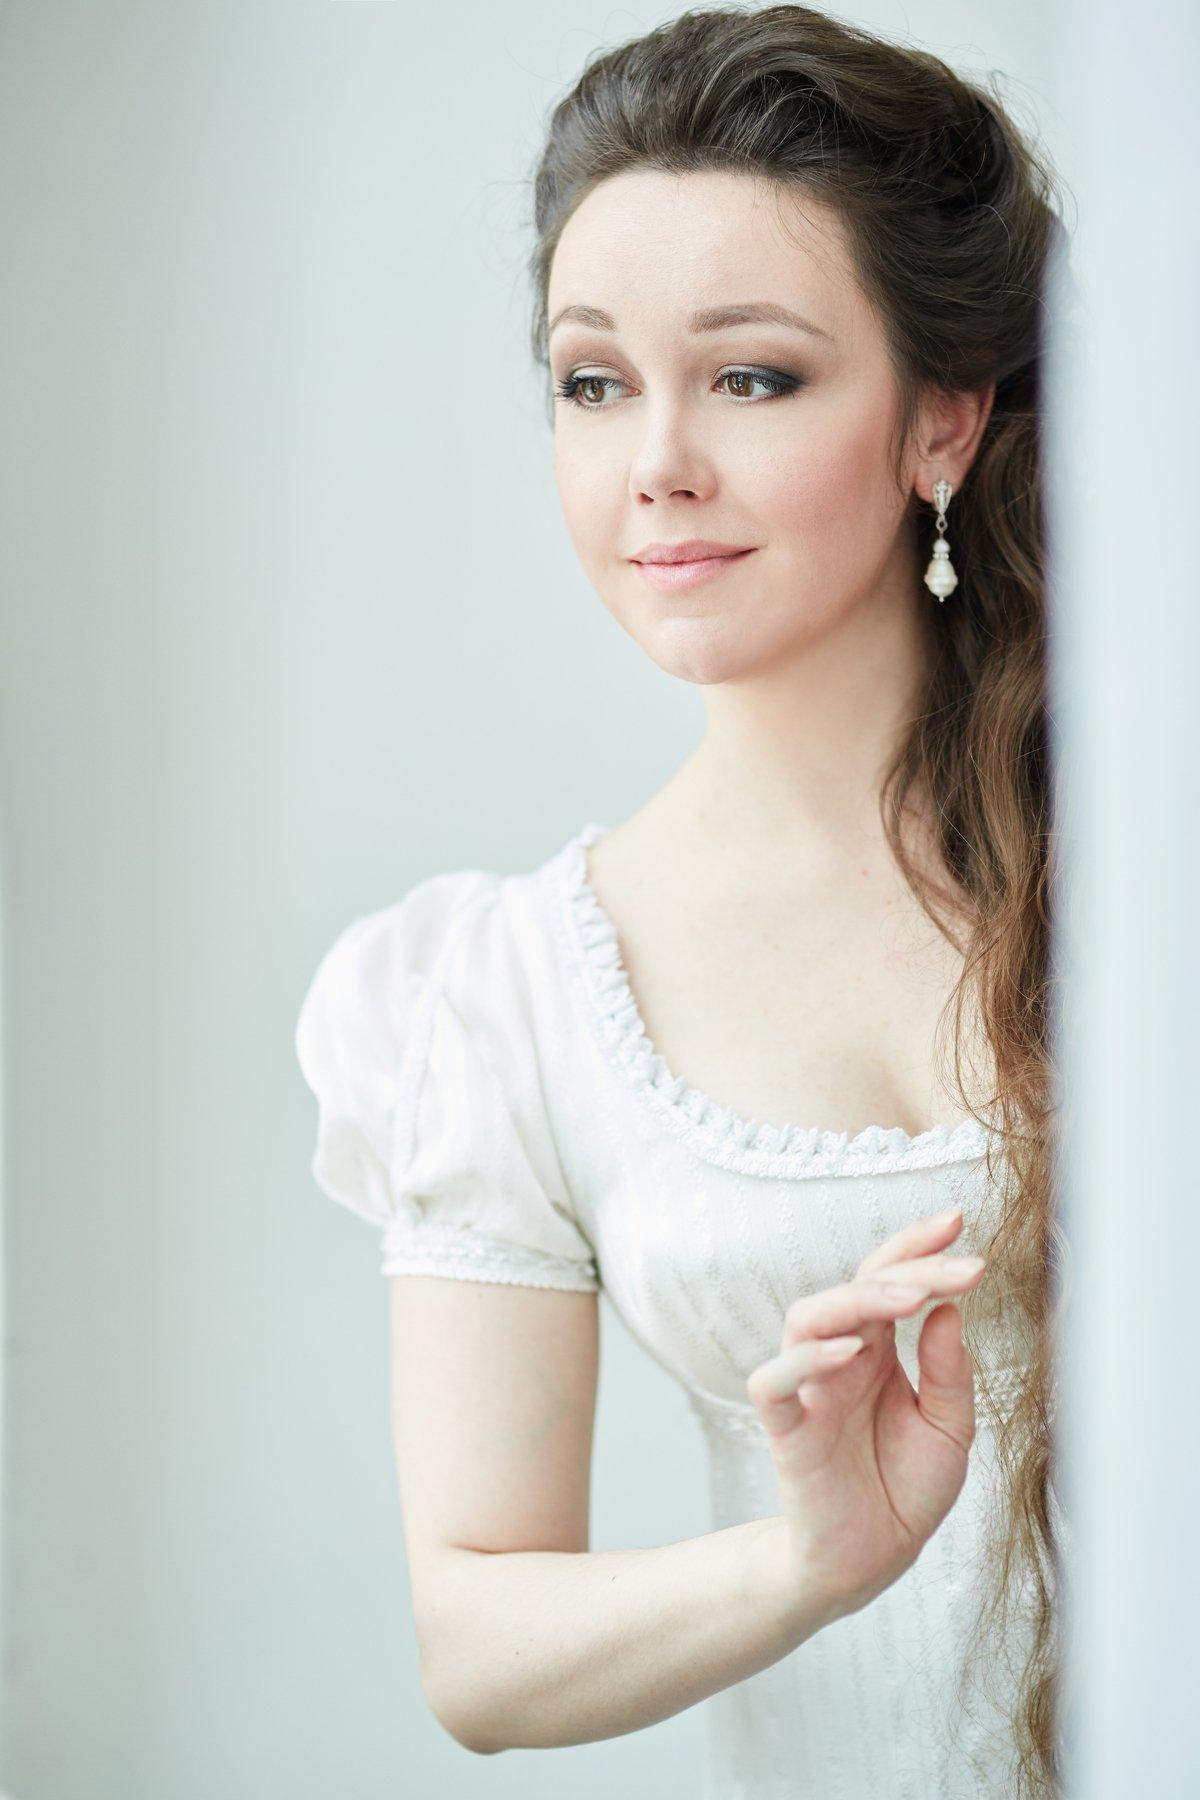 девушка, красивая, 19 век, история, историческая реконструкция, платье, образ, белый, Комарова Дарья